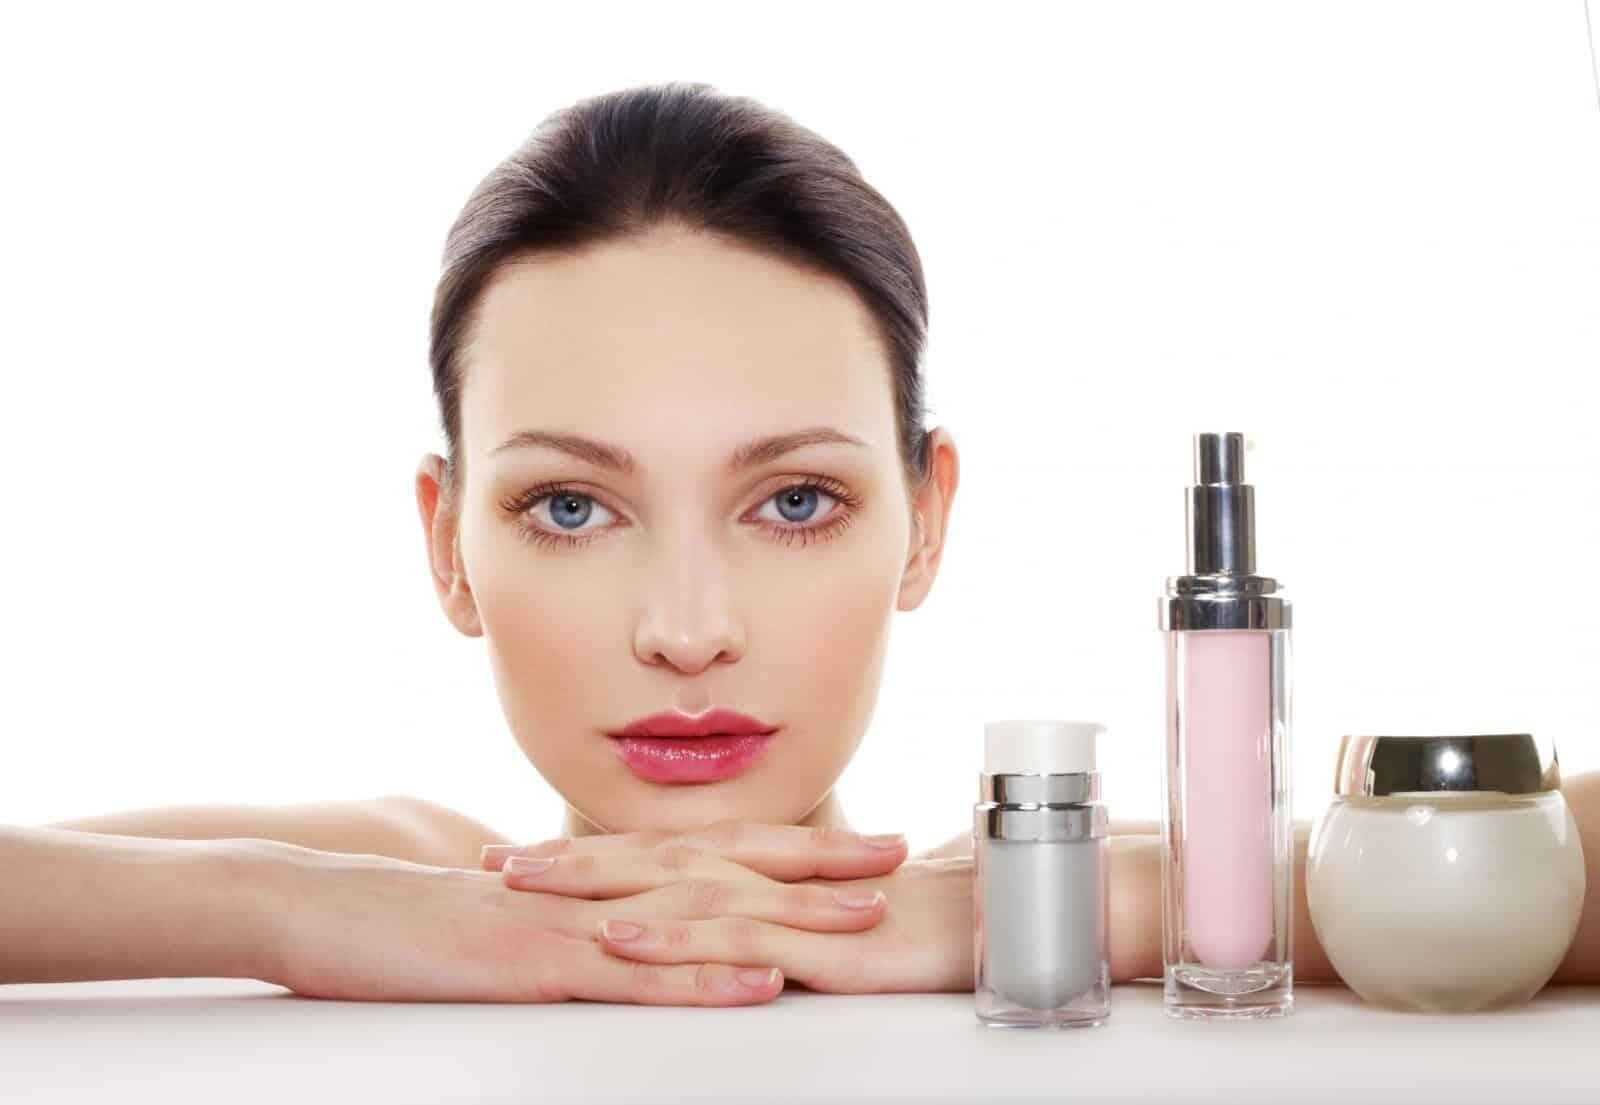 23 bộ mỹ phẩm chăm sóc da mặt tốt nhất trắng mịn tự nhiên giá từ 500k   websosanh.vn